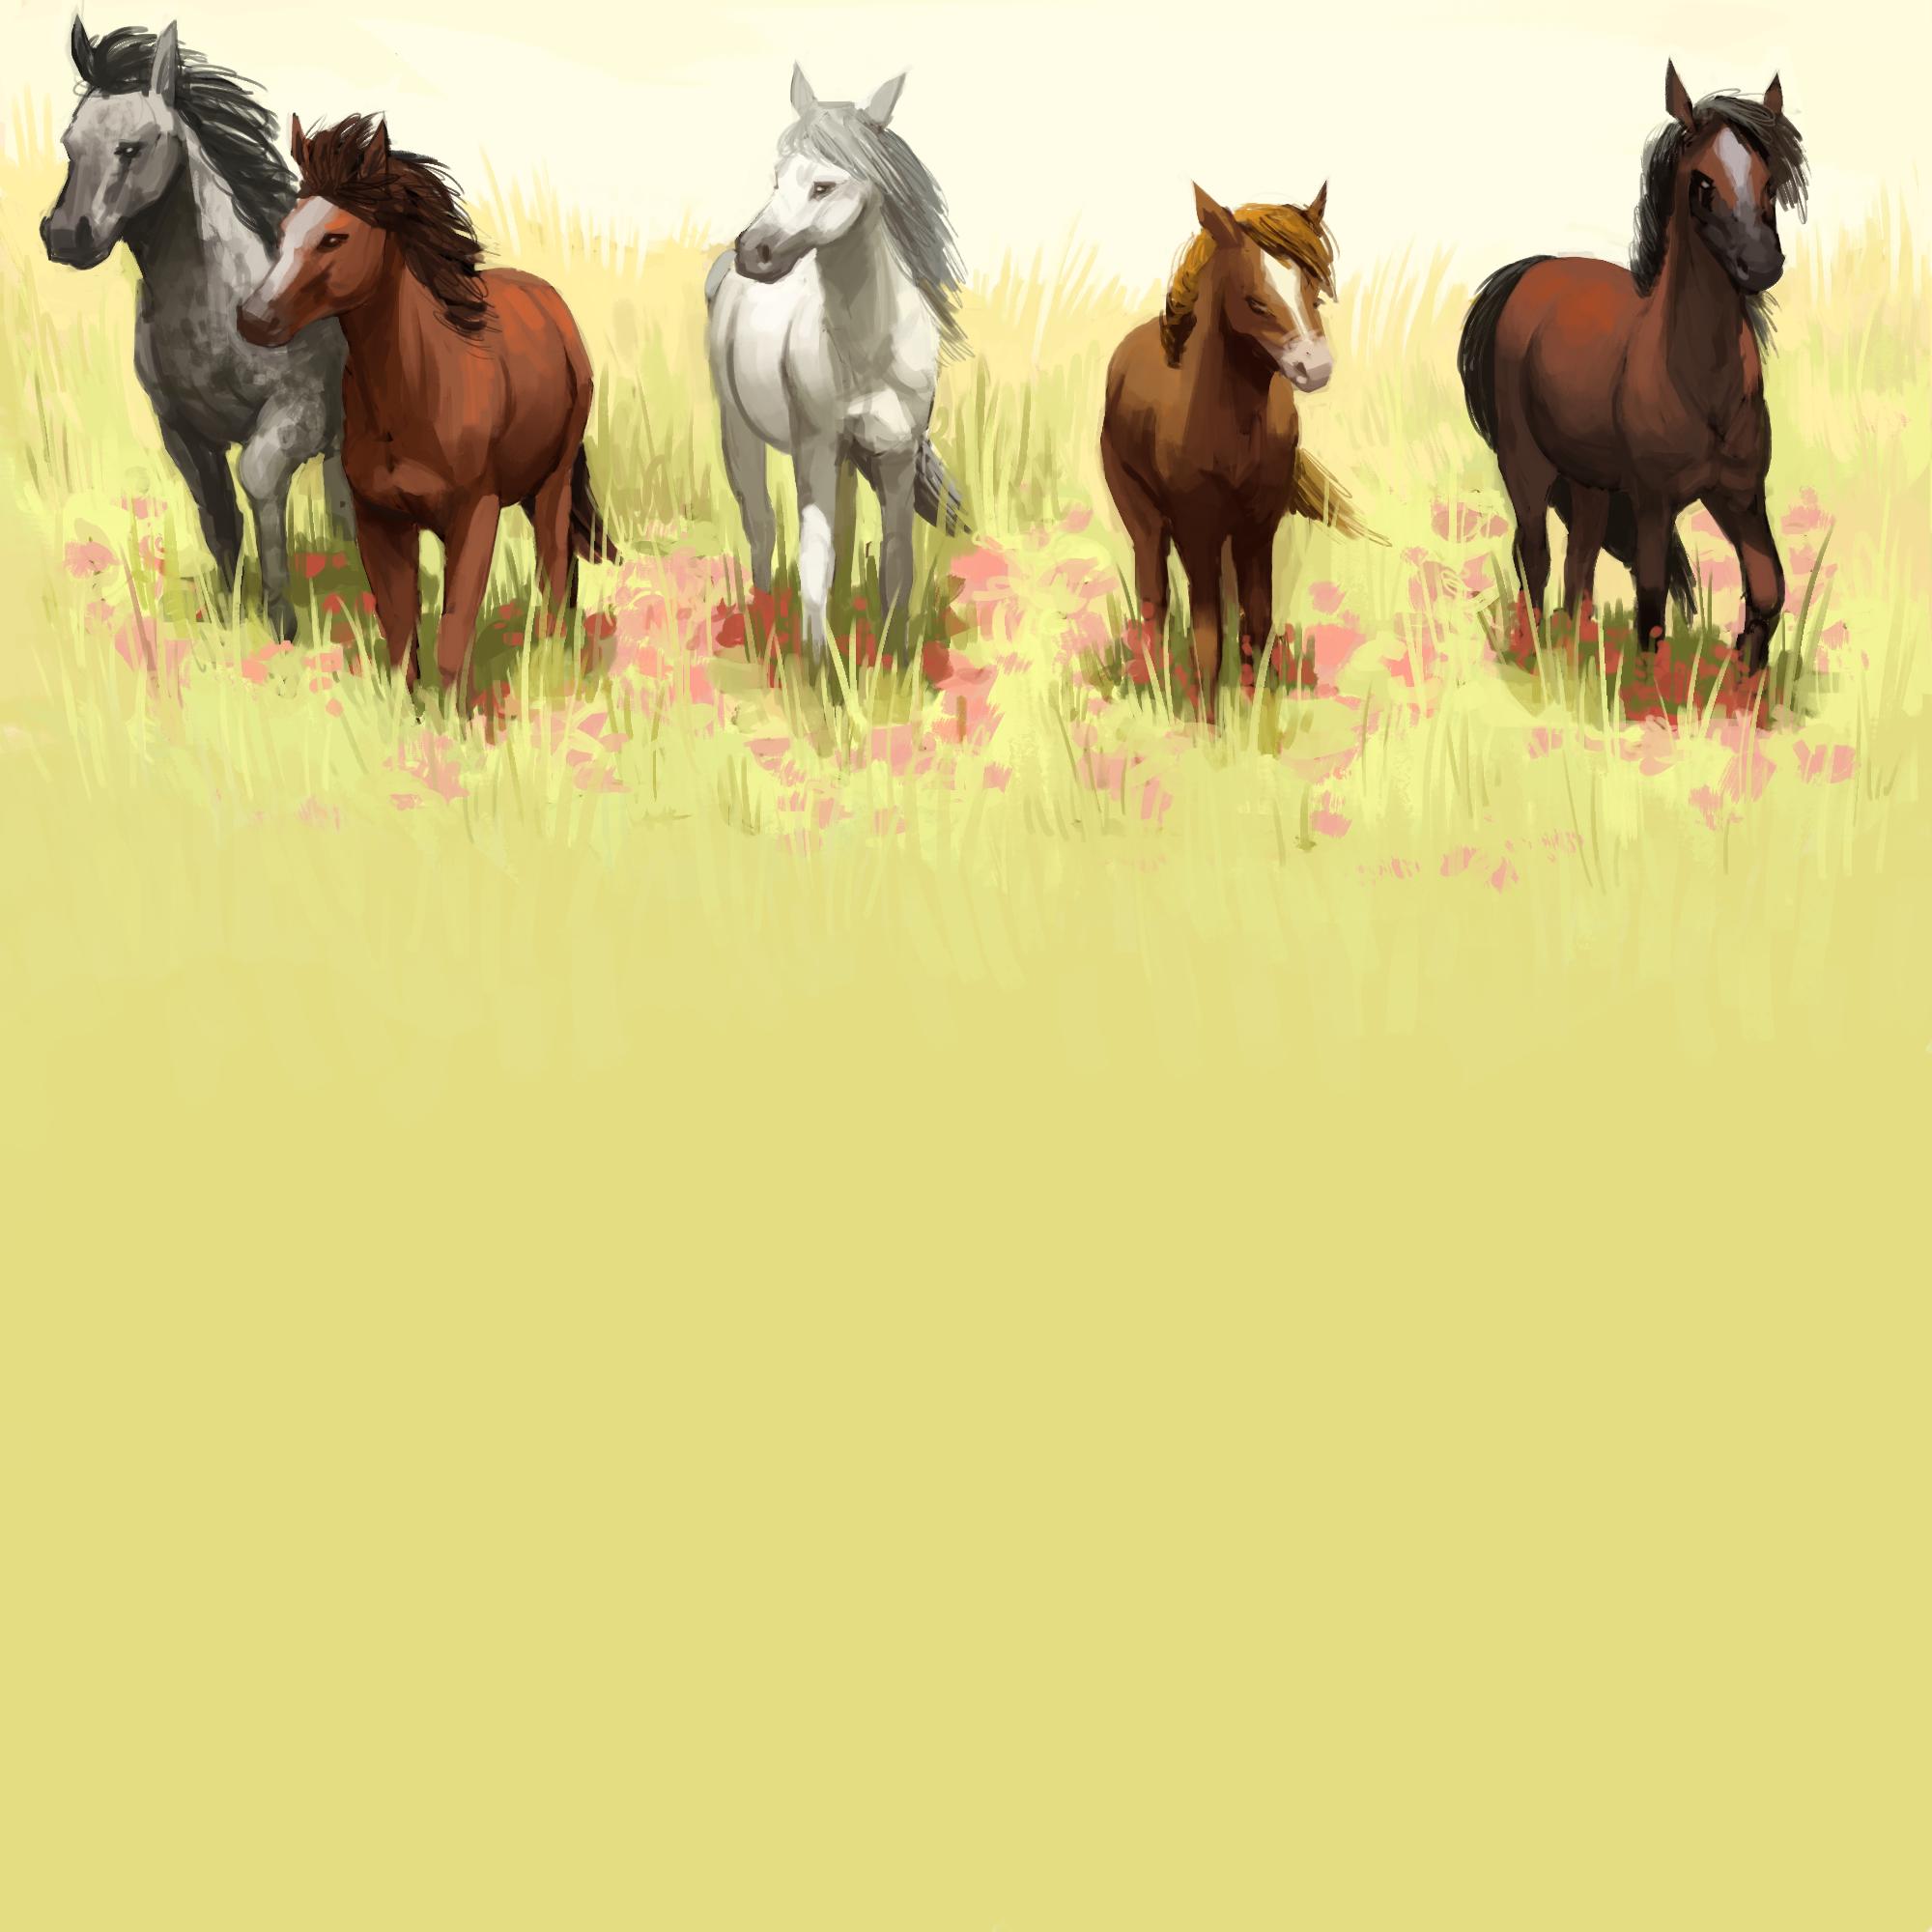 Horse Phenomena